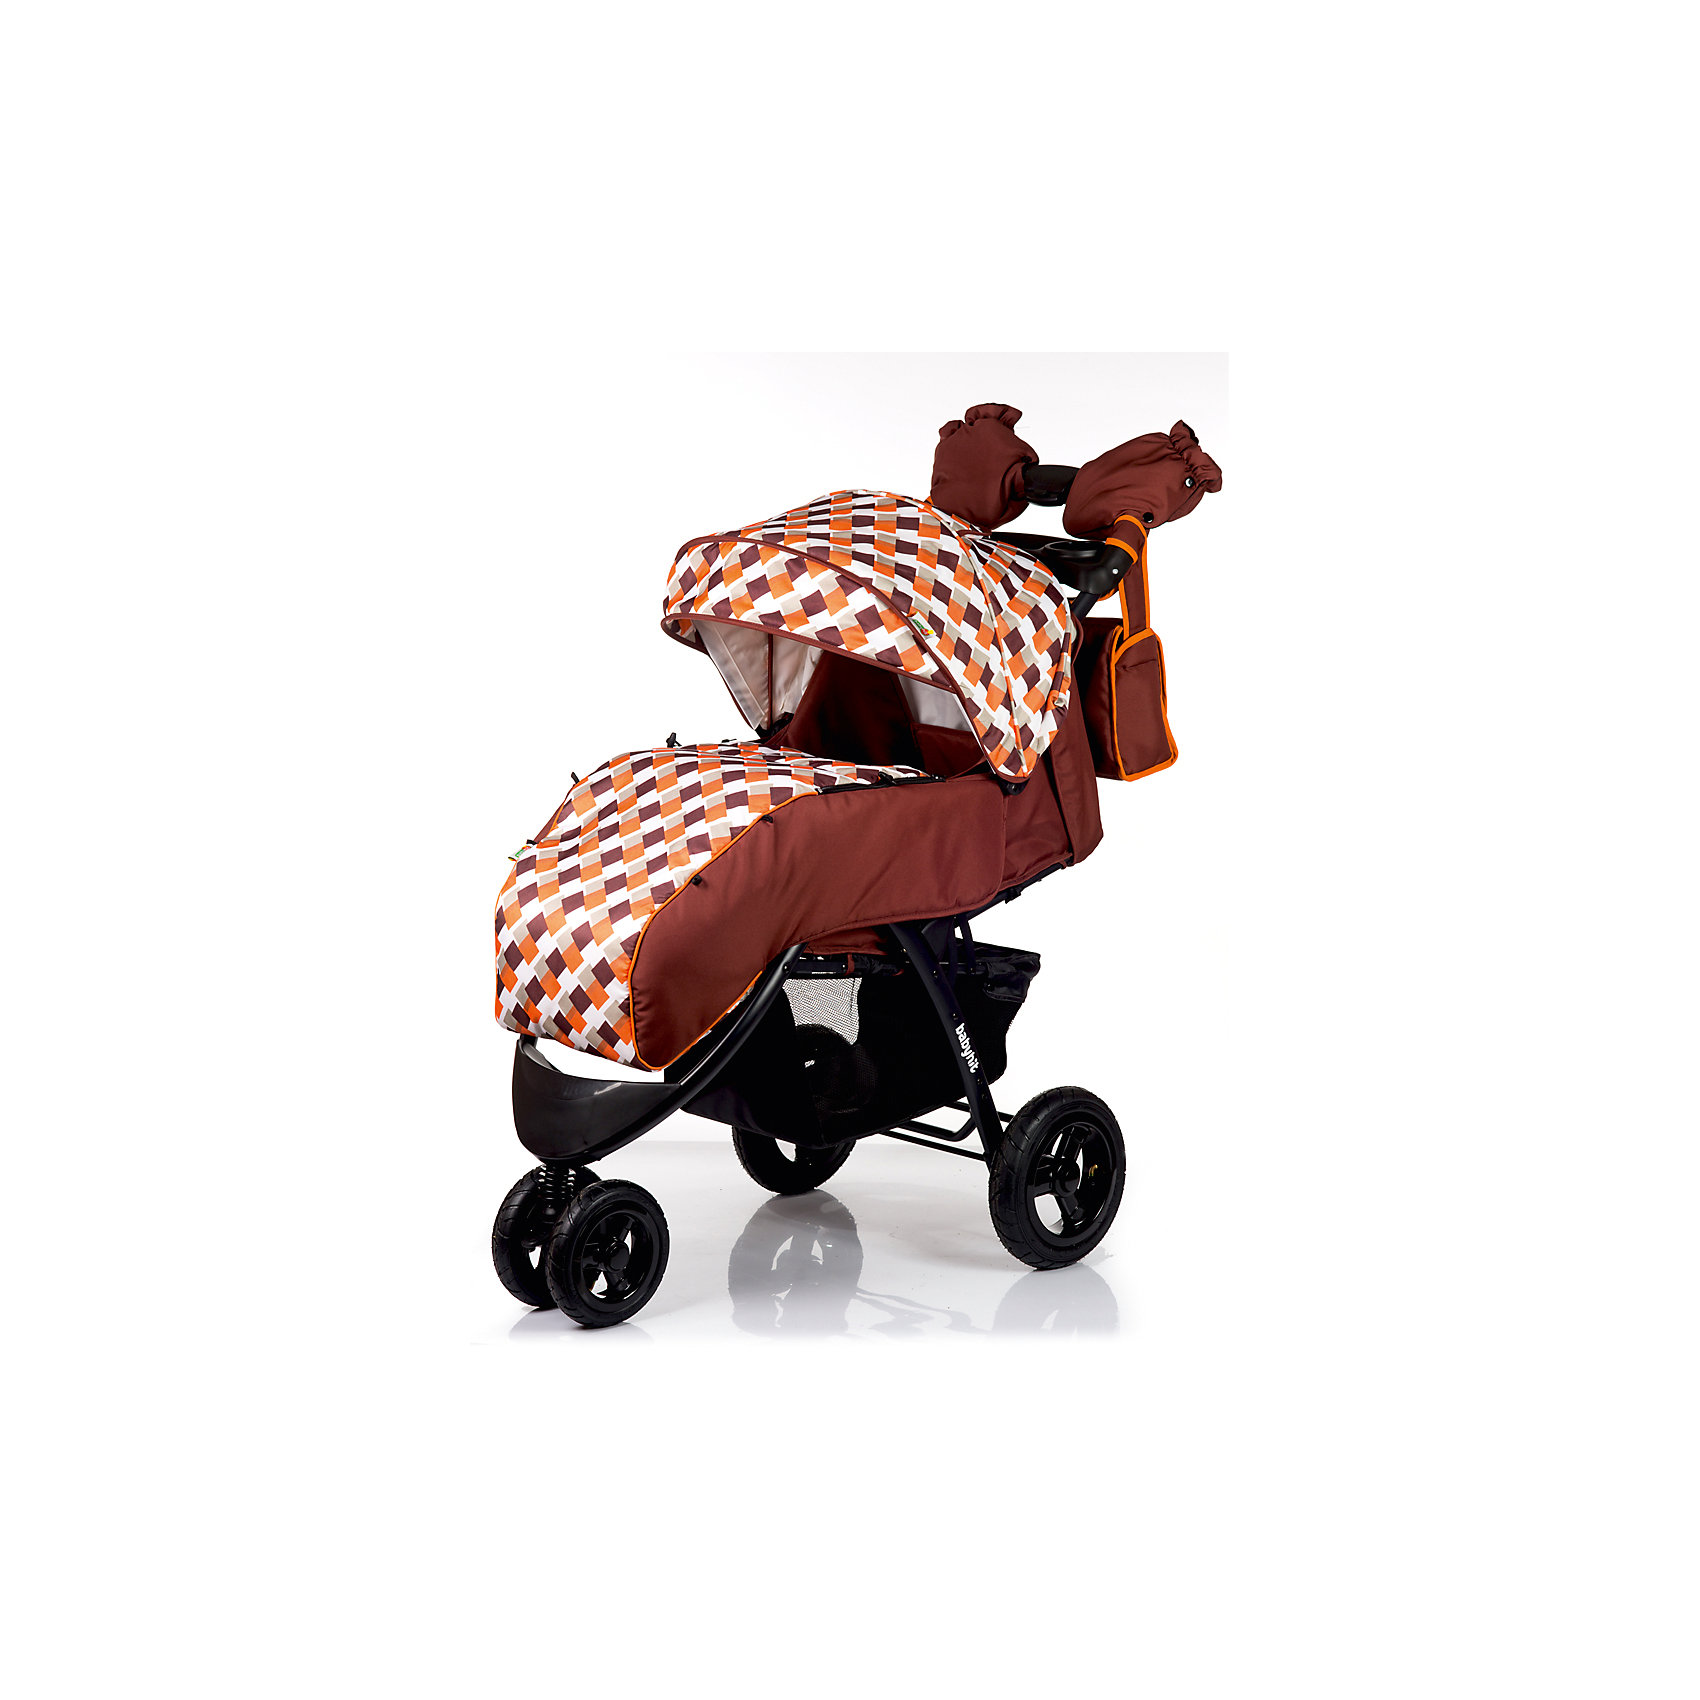 Прогулочная коляска BabyHit VOYAGE AIR, коричневый с оранжевымПрогулочные коляски<br>Характеристики коляски<br><br>Прогулочный блок:<br><br>• горизонтальное положение спинки, угол наклона 170 градусов;<br>• подножка регулируется и удлиняет спальное место;<br>• 5-ти точечные ремни безопасности;<br>• съемный защитный бампер с паховым ограничителем;<br>• столик с подстаканниками и бардачком на ручке;<br>• капюшон-батискаф, опускается до бамера;<br>• калюшон оснащен солнцезащитным козырьком и смотровым окошком;<br>• пластиковая подножка для подросшего малыша;<br>• материал: пластик, полиэстер;<br>• длина спального места: 89 см;<br>• ширина сиденья: 34 см<br>• высота спинки: 40 см;<br>• глубина сиденья: 25 см.<br><br>Рама коляски:<br><br>• коляска складывается вместе с прогулочным блоком по типу книжки;<br>• легко складывается одной рукой;<br>• коляска в сложенном виде стоит в вертикальном положении;<br>• имеется корзина для покупок;<br>• 3-х колесная коляска;<br>• колеса надувные;<br>• плавающее переднее колесо с фиксаторами;<br>• задние надувные колеса;<br>• диаметр колес: 19,5 см, 26 см;<br>• материал колес: псевдорезина;<br>• материал рамы: алюминий.<br><br>Размер коляски: 103х57х108 см<br>Размер коляски в сложенном виде: 100х57х34 см<br>Вес коляски: 13,1 кг<br>Размер упаковки: 51х48х30 см<br>Вес в упаковке: 16,8 кг<br><br>Дополнительные аксессуары, входящие в комплект:<br><br>• чехол на ножки;<br>• дождевик;<br>• москитная сетка;<br>• сумка для мамы;<br>• муфта для рук;<br>• инструкция.<br><br>Прогулочную коляску VOYAGE AIR, Babyhit, коричневую с оранжевым можно купить в нашем интернет-магазине.<br><br>Ширина мм: 480<br>Глубина мм: 300<br>Высота мм: 510<br>Вес г: 16850<br>Возраст от месяцев: 7<br>Возраст до месяцев: 36<br>Пол: Унисекс<br>Возраст: Детский<br>SKU: 5500319